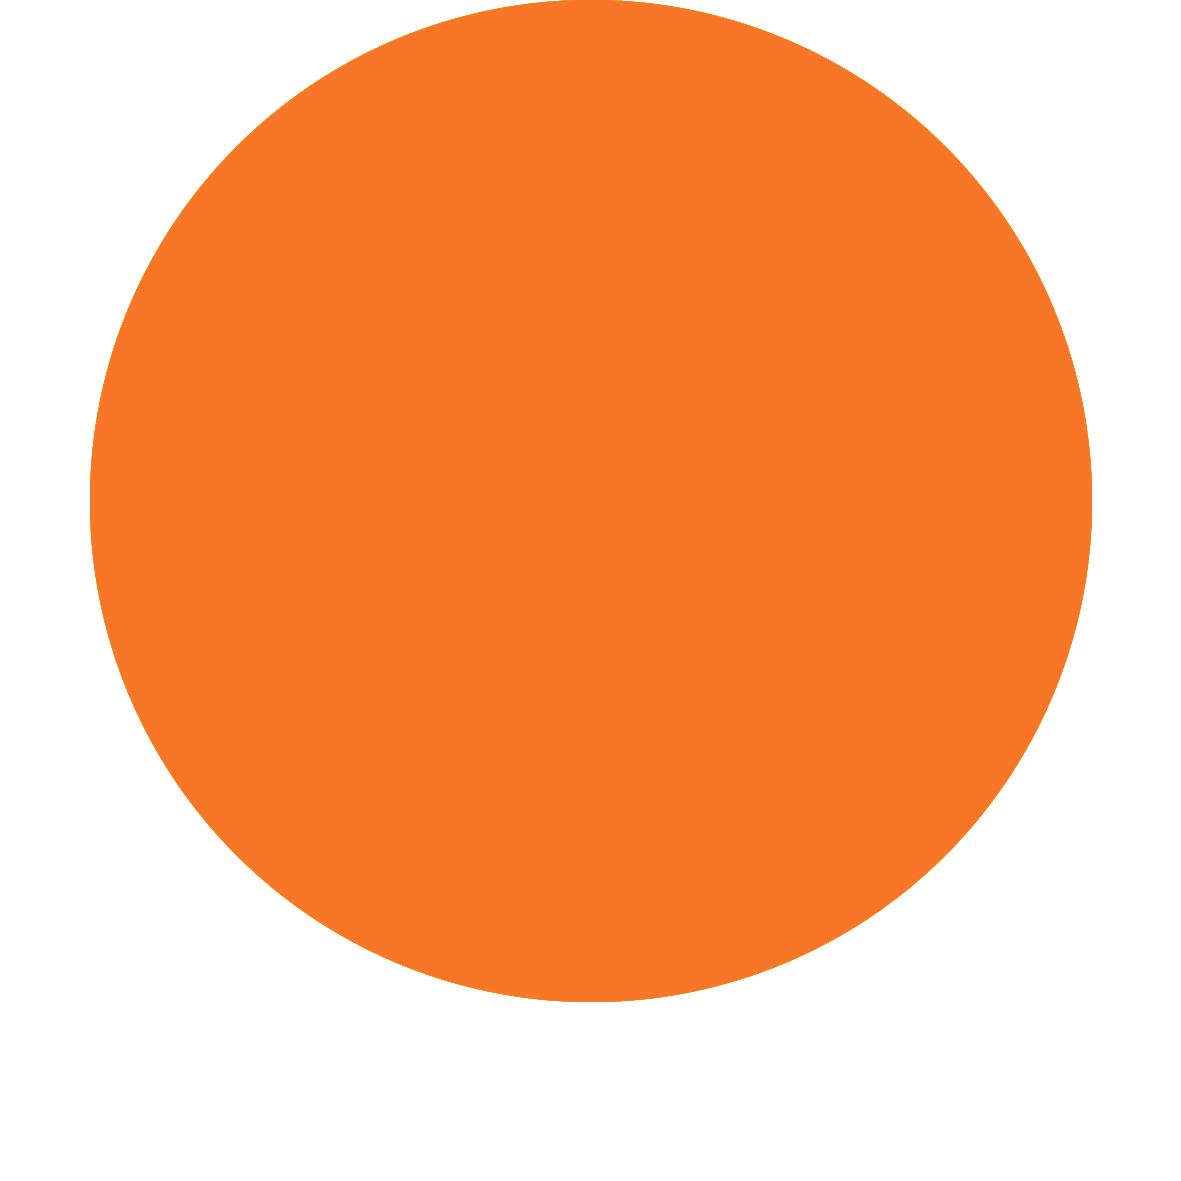 C.I. Orange 13(UNL2130) -